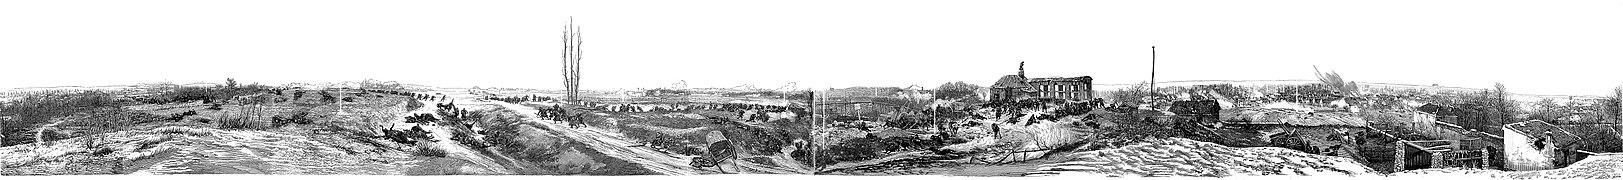 La Bataille de Champigny, dessin, 1882.jpg